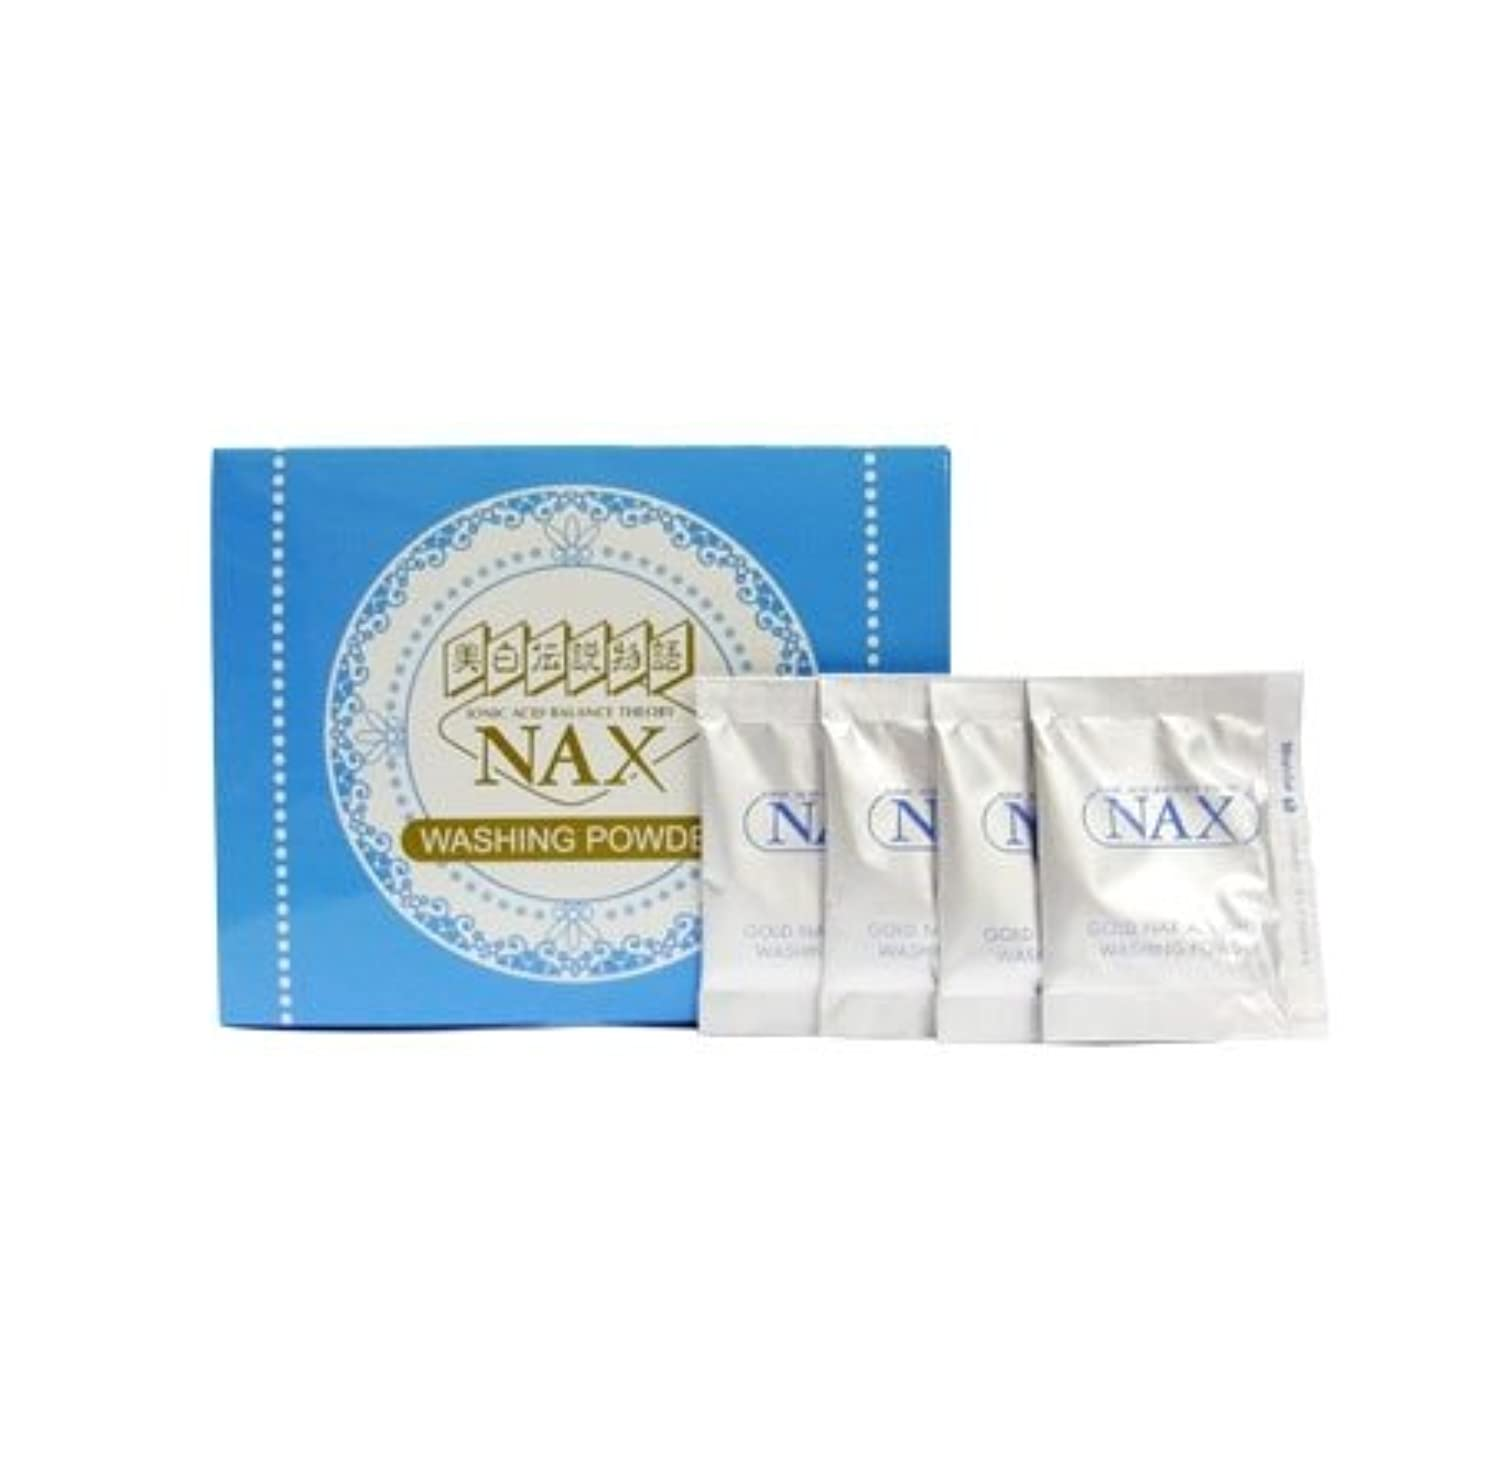 従順な他の場所回復ゴールドコスメ NAXウォッシングパウダー 洗顔料 超敏感肌用 1.2g×90包